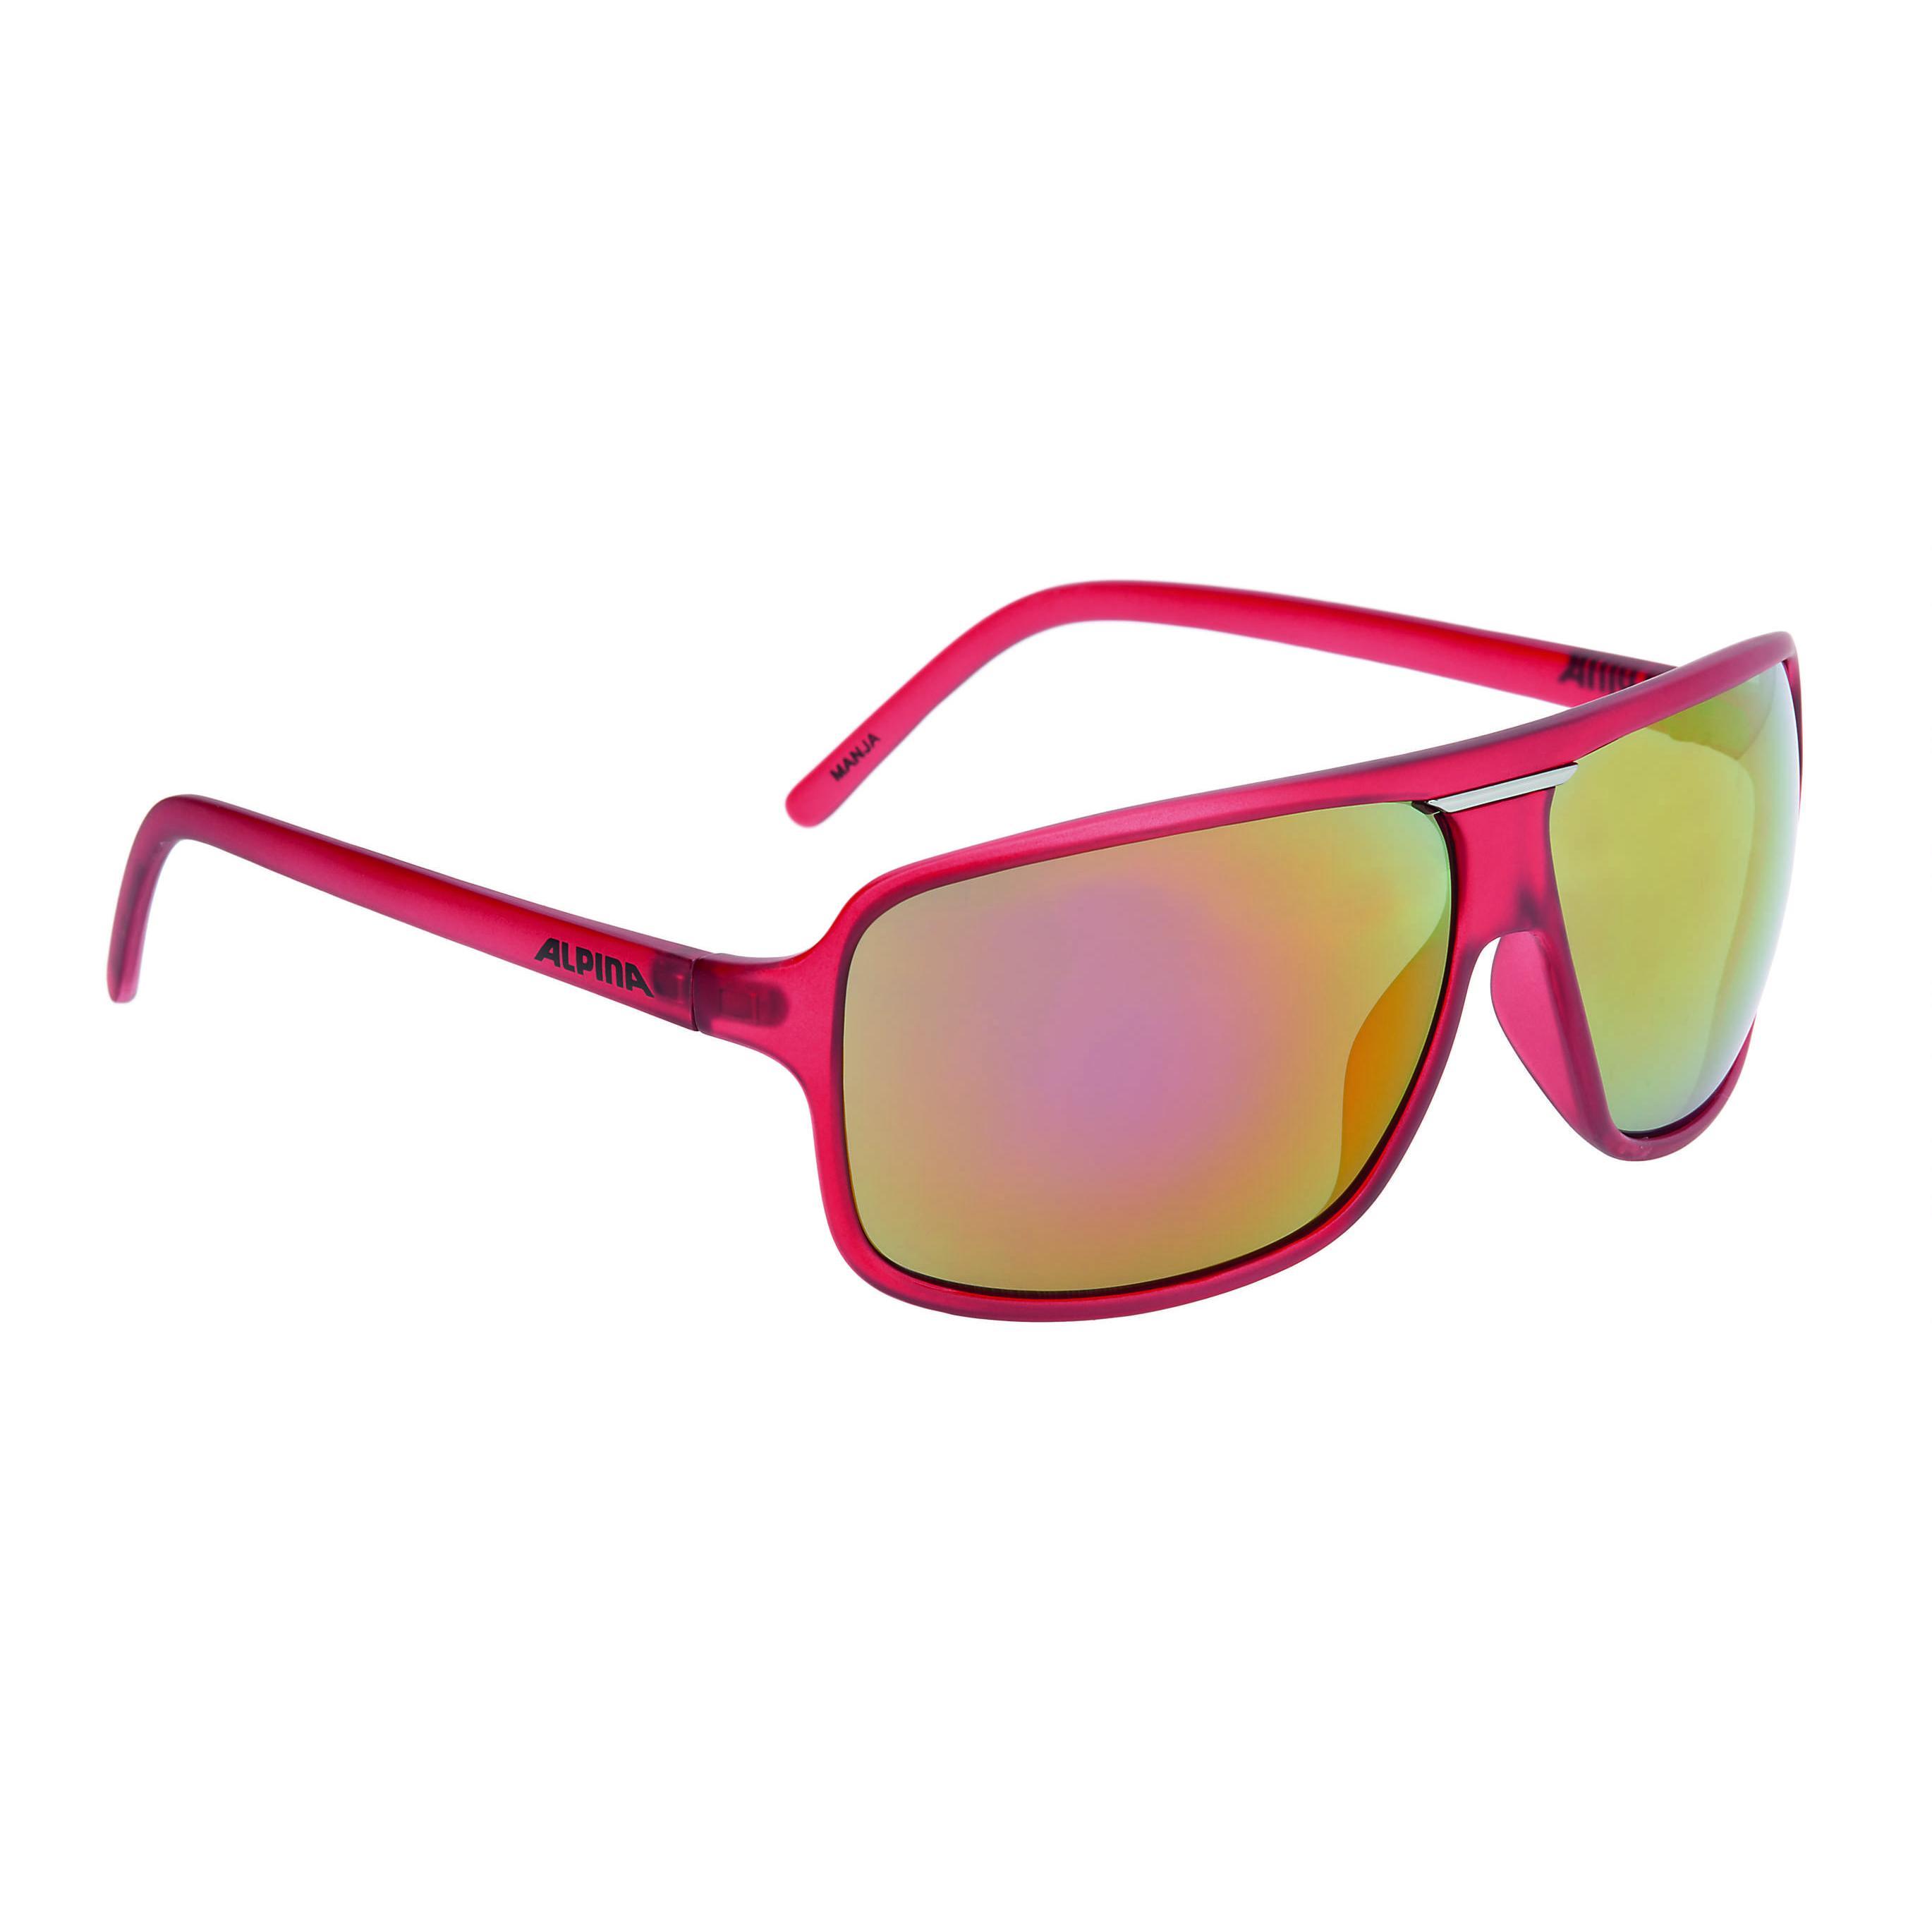 Купить Очки солнцезащитные Alpina SPORT STYLE MANJA red matt, солнцезащитные, 1180619